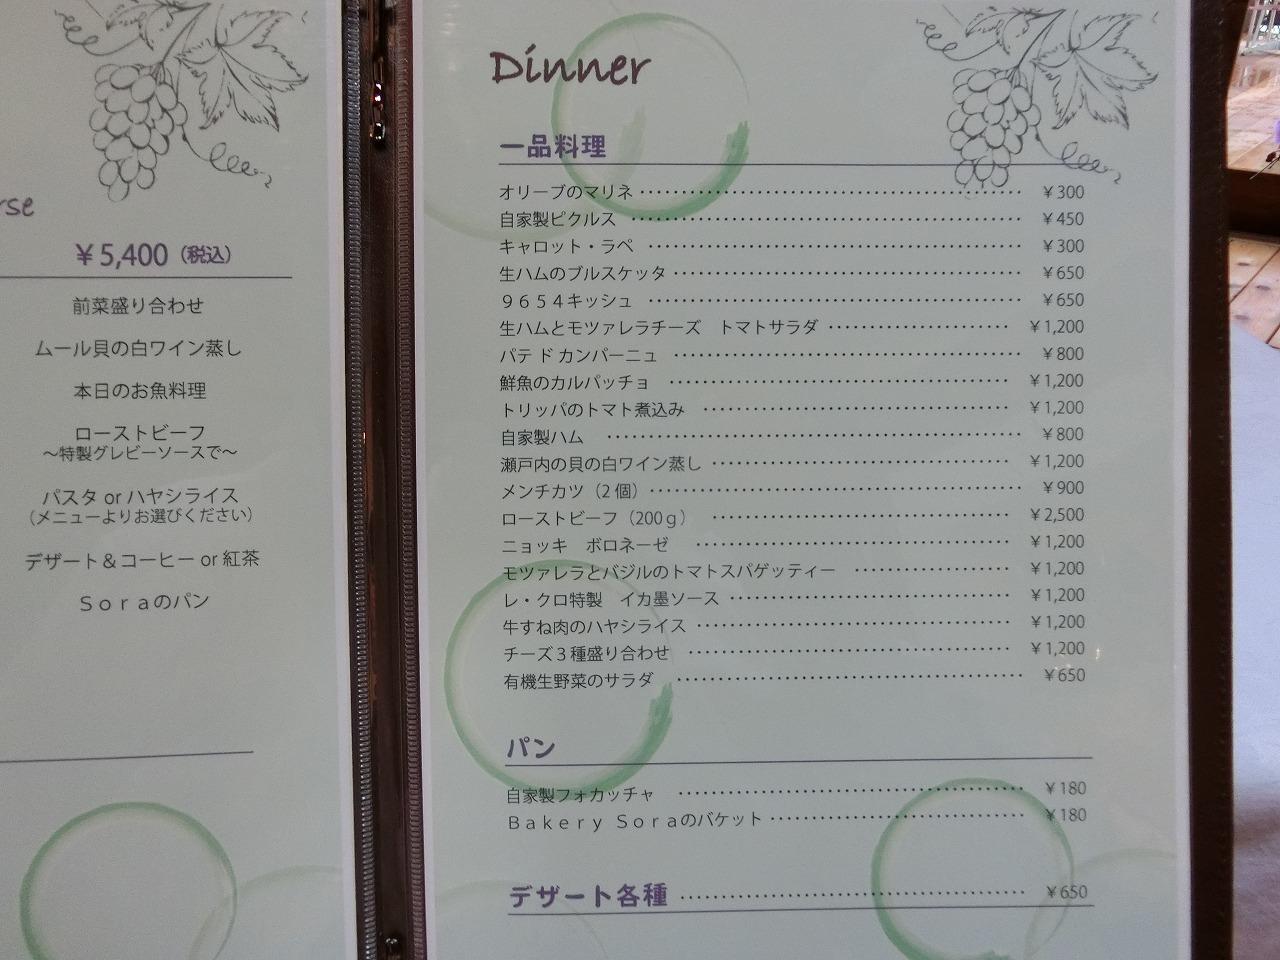 欧風料理レ・クロ